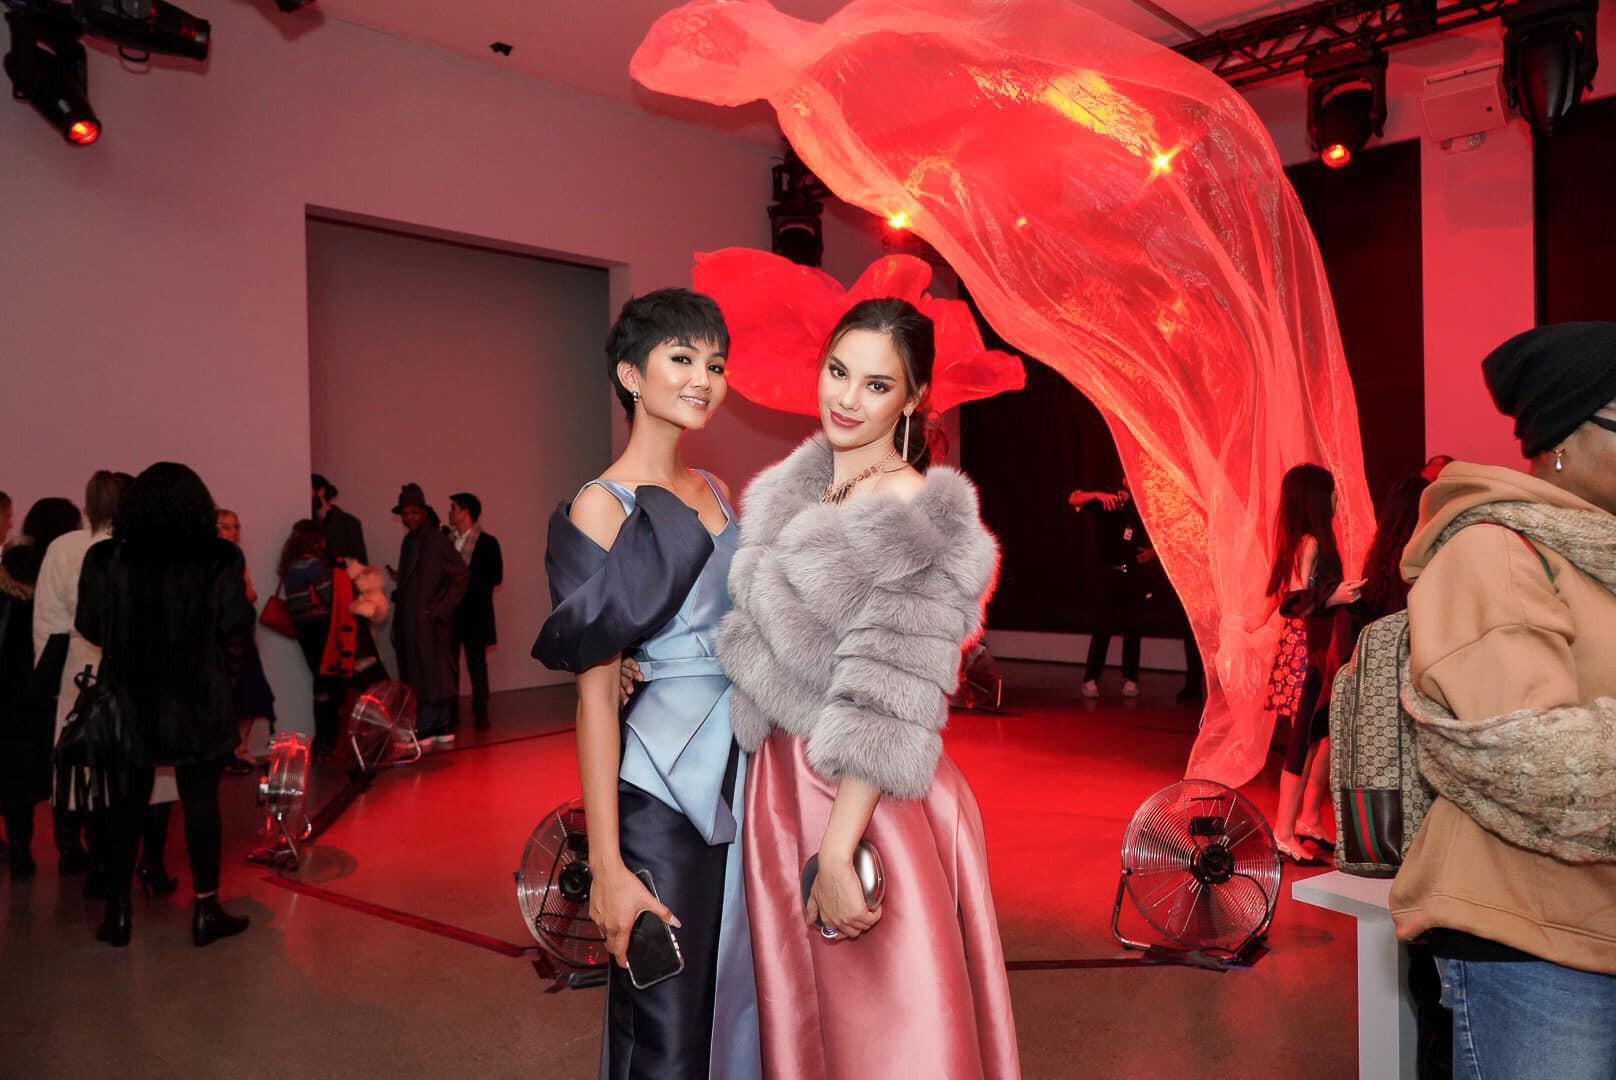 Đối thủ một thời tại Miss Universe 2018 gặp lại HHen Niê trên đất Úc, bất ngờ với câu nói đầu tiên thốt lên? - Ảnh 5.